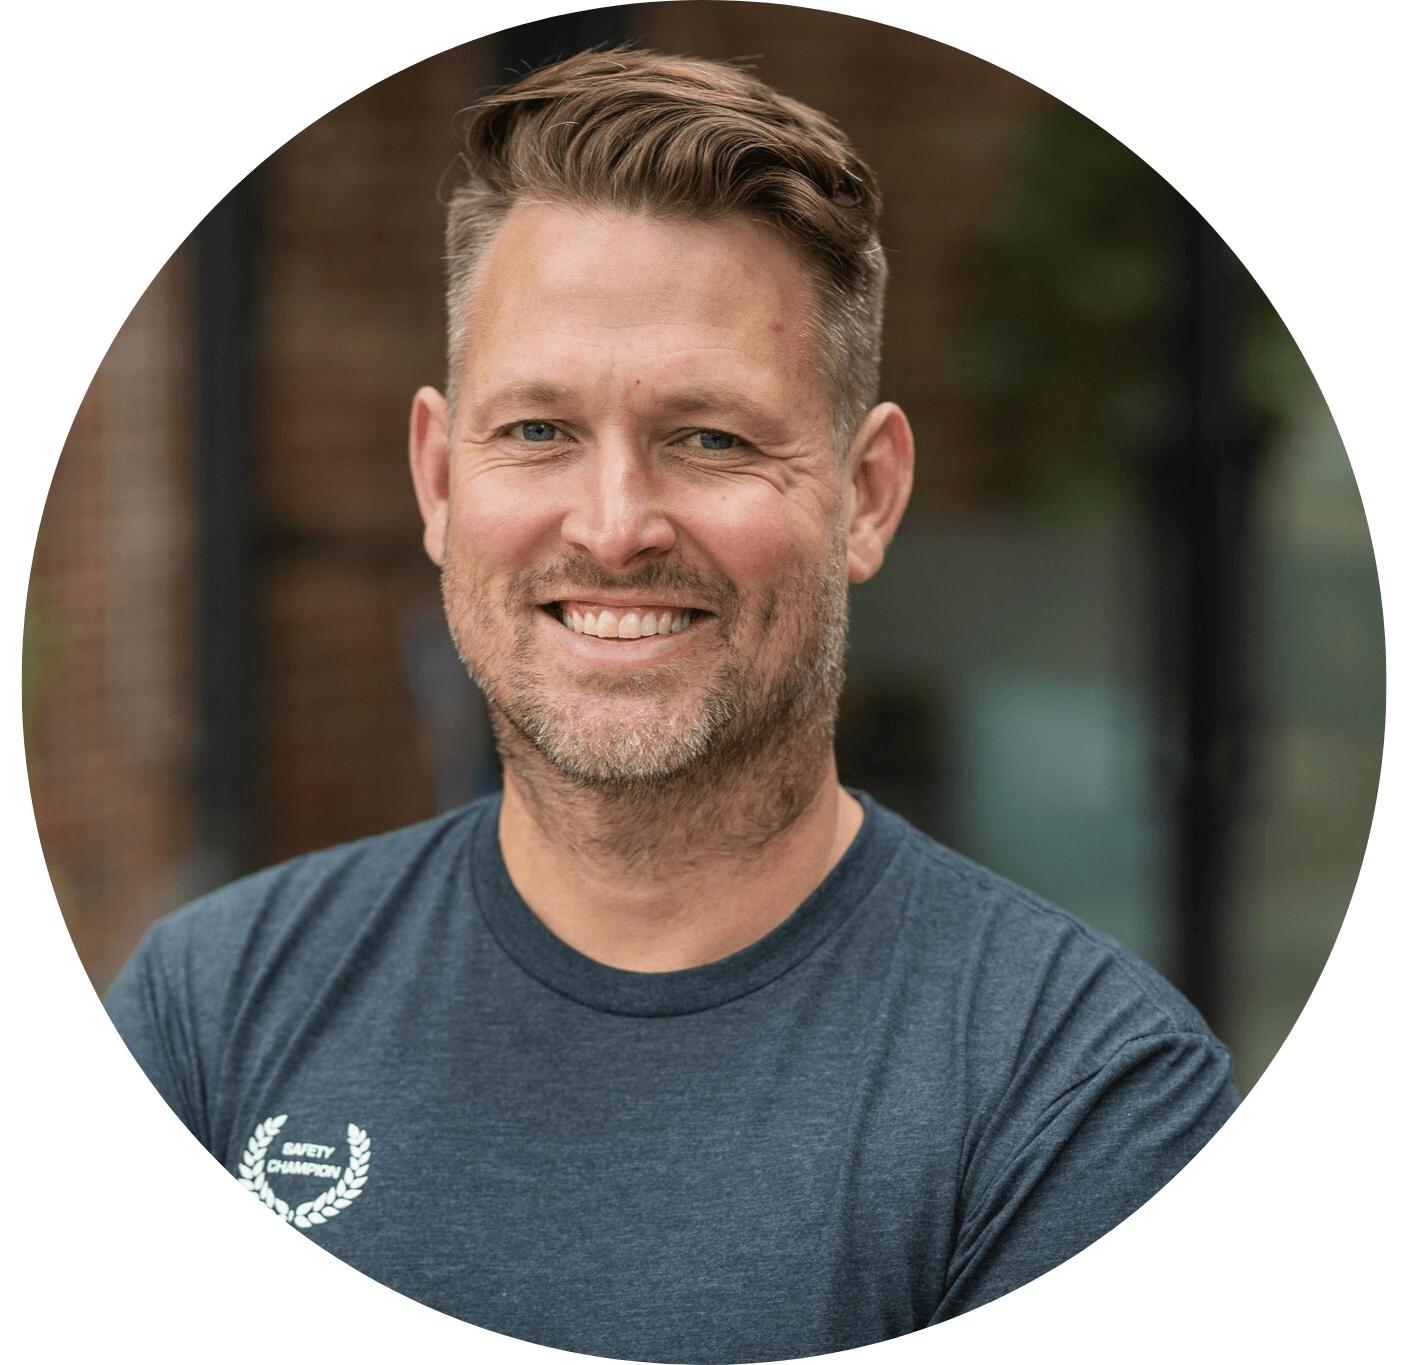 Safety Champion – Craig Salter